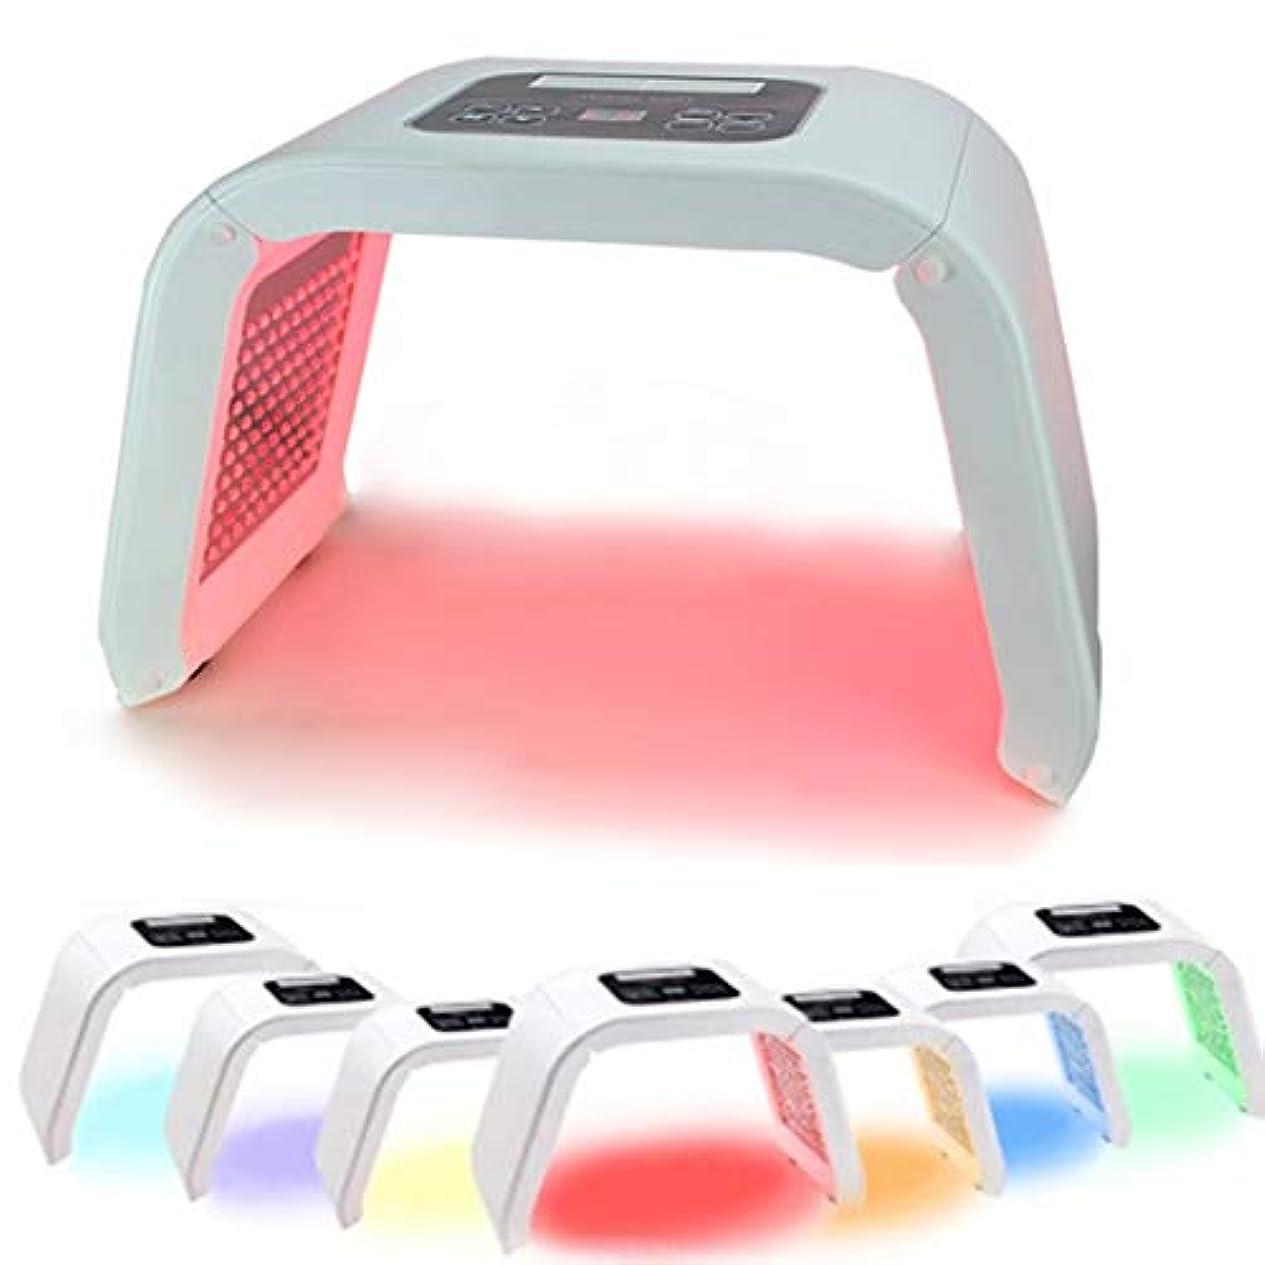 ティーンエイジャー失望アナニバー7色がフェイスネックボディのための顔光子レッドライトセラピーアンチリンクルホワイトニングマシン光線力学をLED